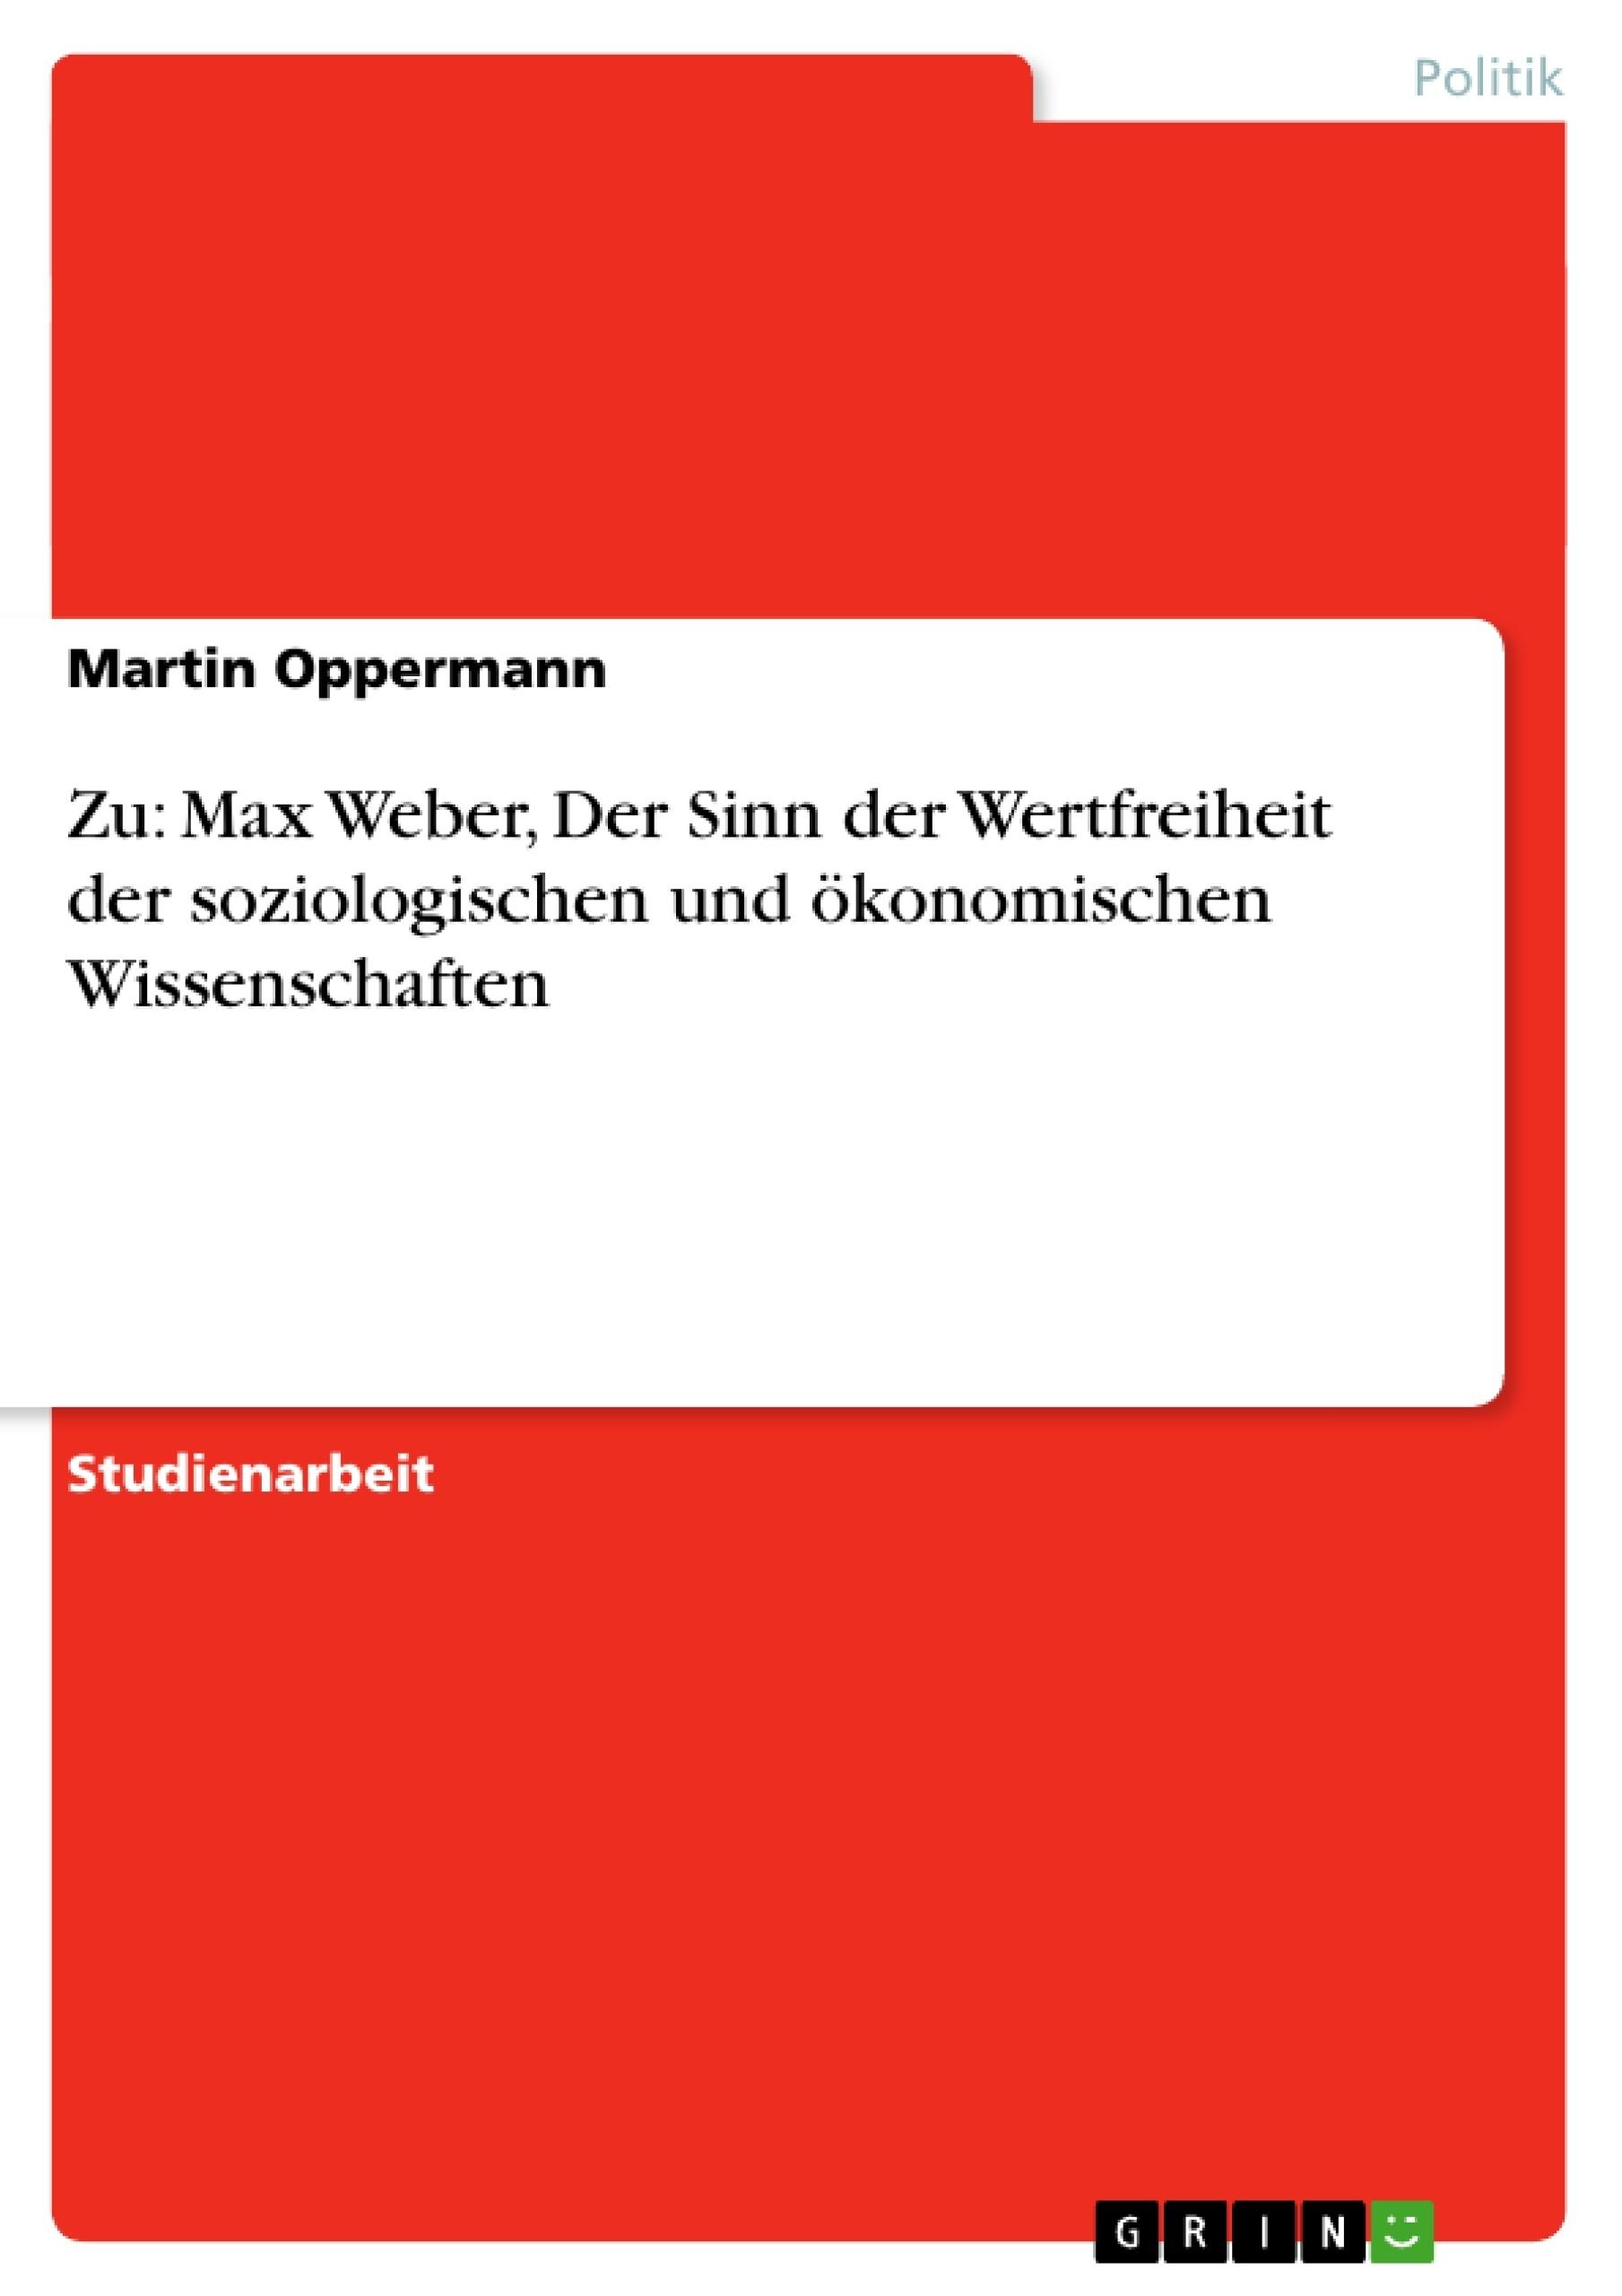 Titel: Zu: Max Weber, Der Sinn der Wertfreiheit der soziologischen und ökonomischen Wissenschaften